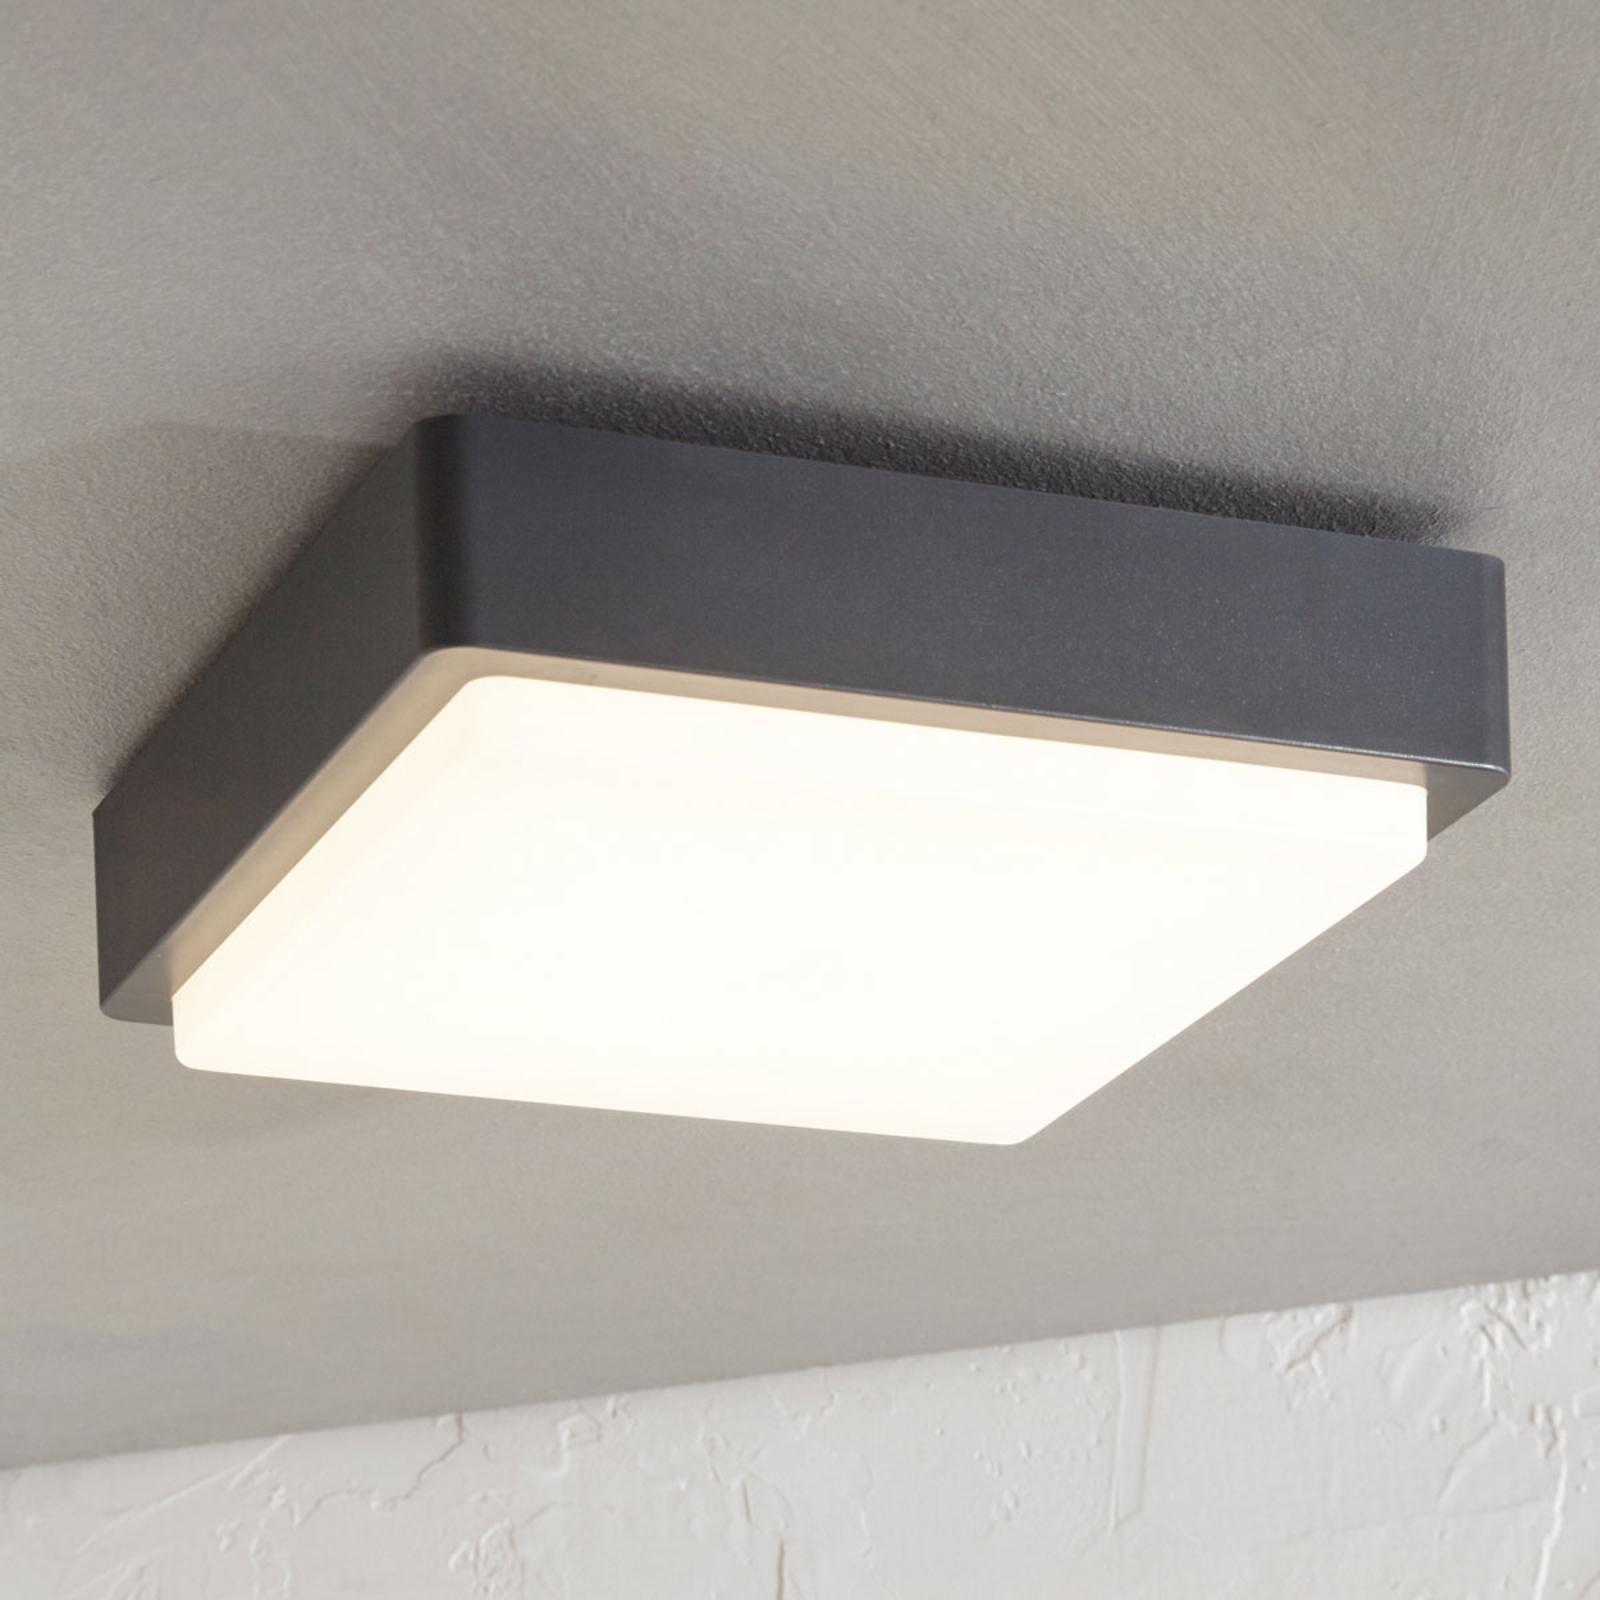 Lampa sufitowa LED Nermin, IP65 kwadrat